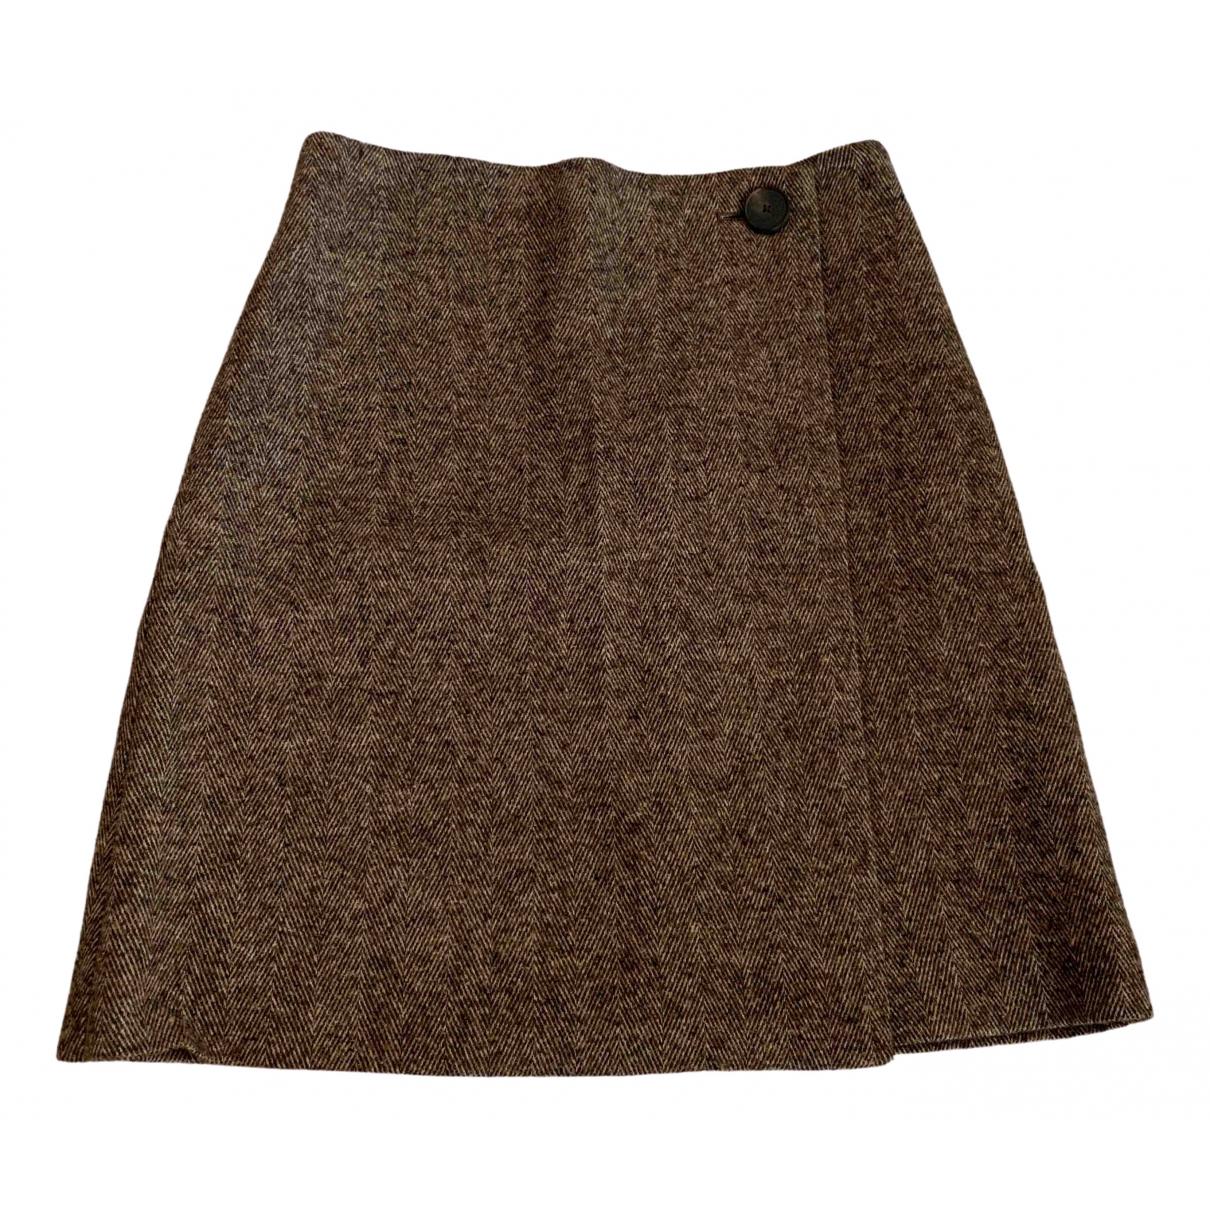 Massimo Dutti \N Brown Wool skirt for Women 34 FR